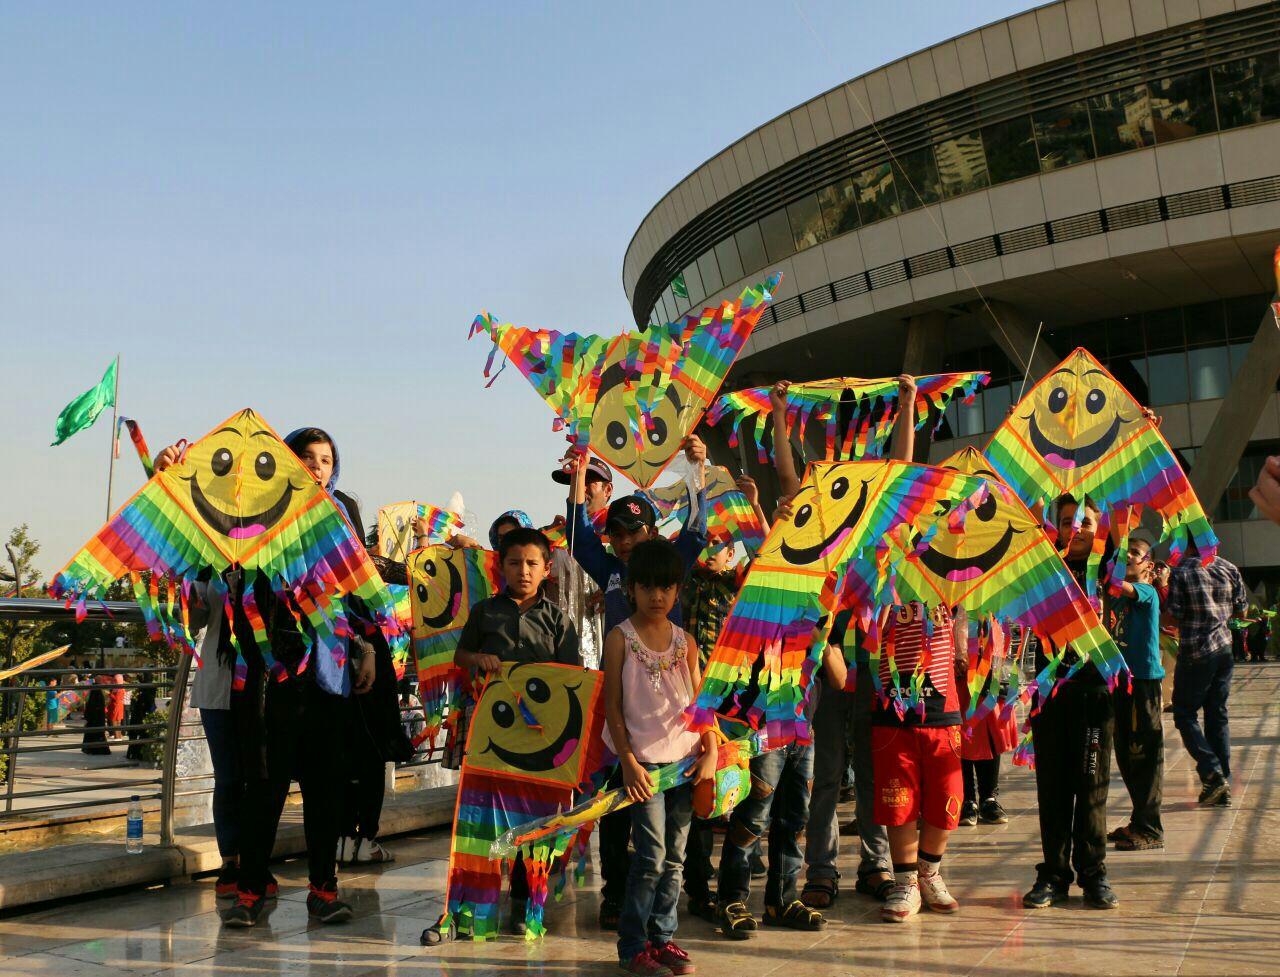 کودکان مهرآفرین در جشنواره بادبادک های برج میلاد